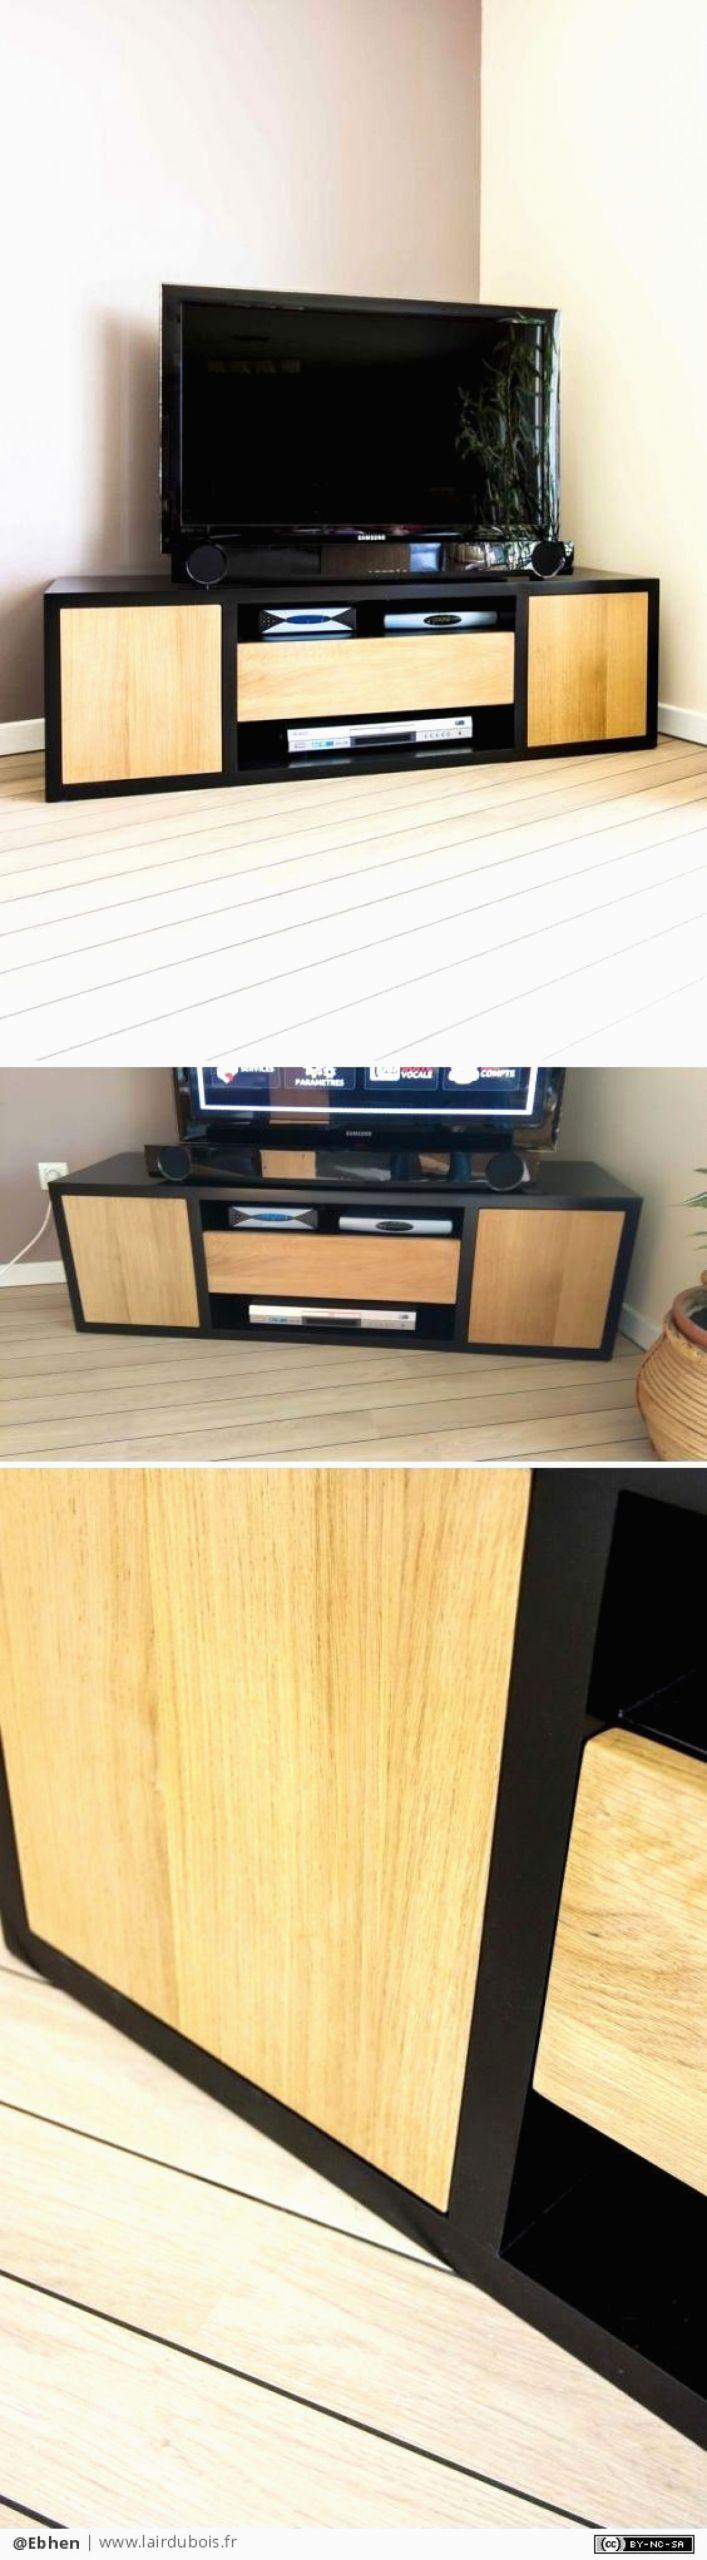 faire un meuble en bois pied de lit en bois nouveau bois pour faire meuble construire un of faire un meuble en bois